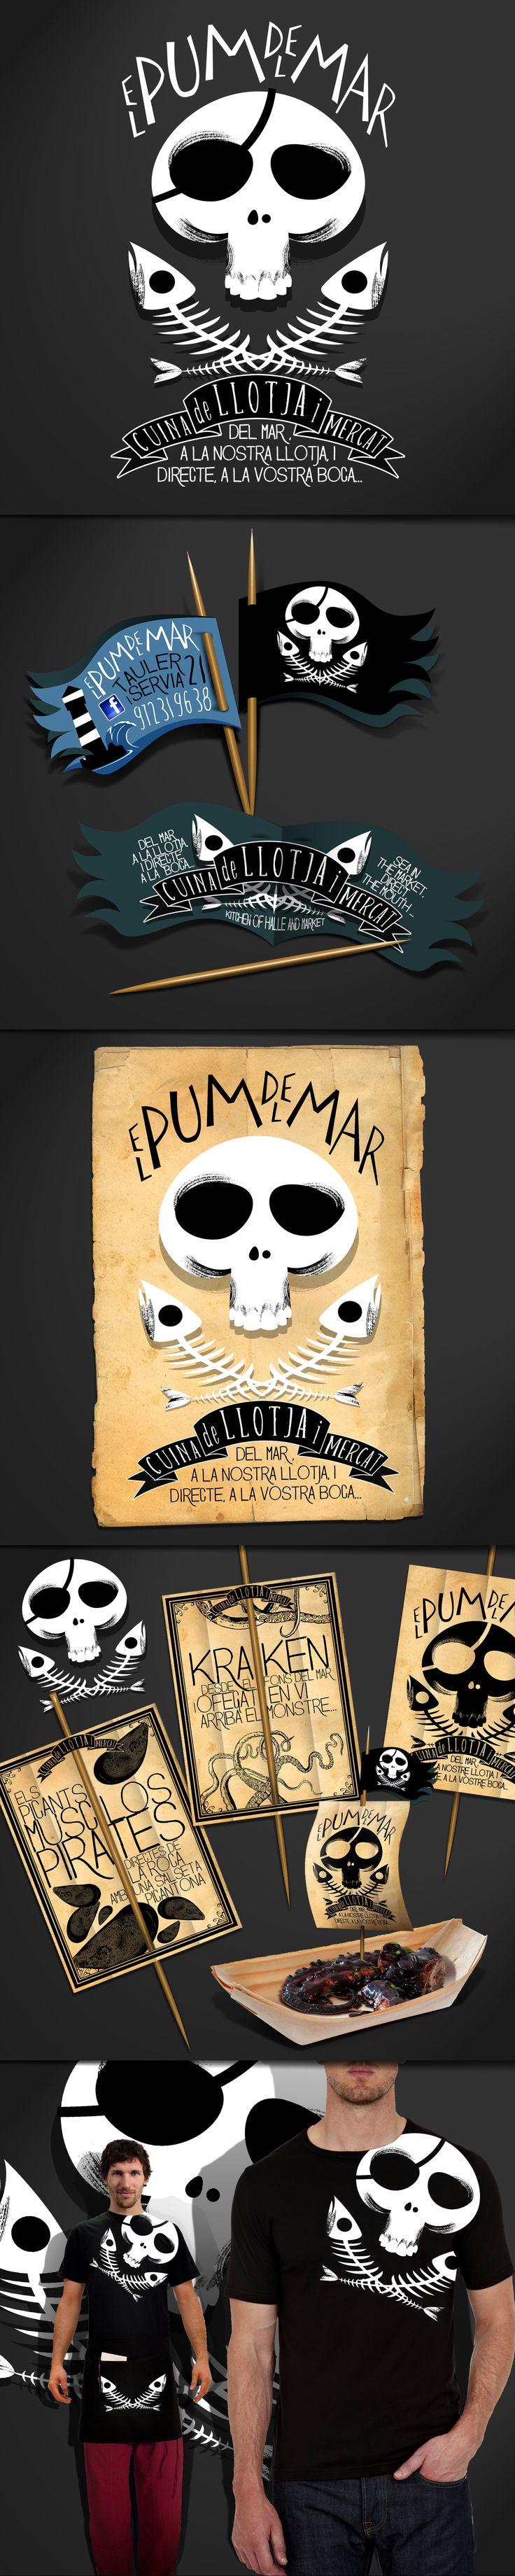 """Cliente: El Pum del Mar / Agencia: 28 Live Project / Año: 2015 / Imagen Corporativa de el restaurante """"El Pum del Mar"""", especializado en pescado fresco y con un alma pirata y filibustera!!"""